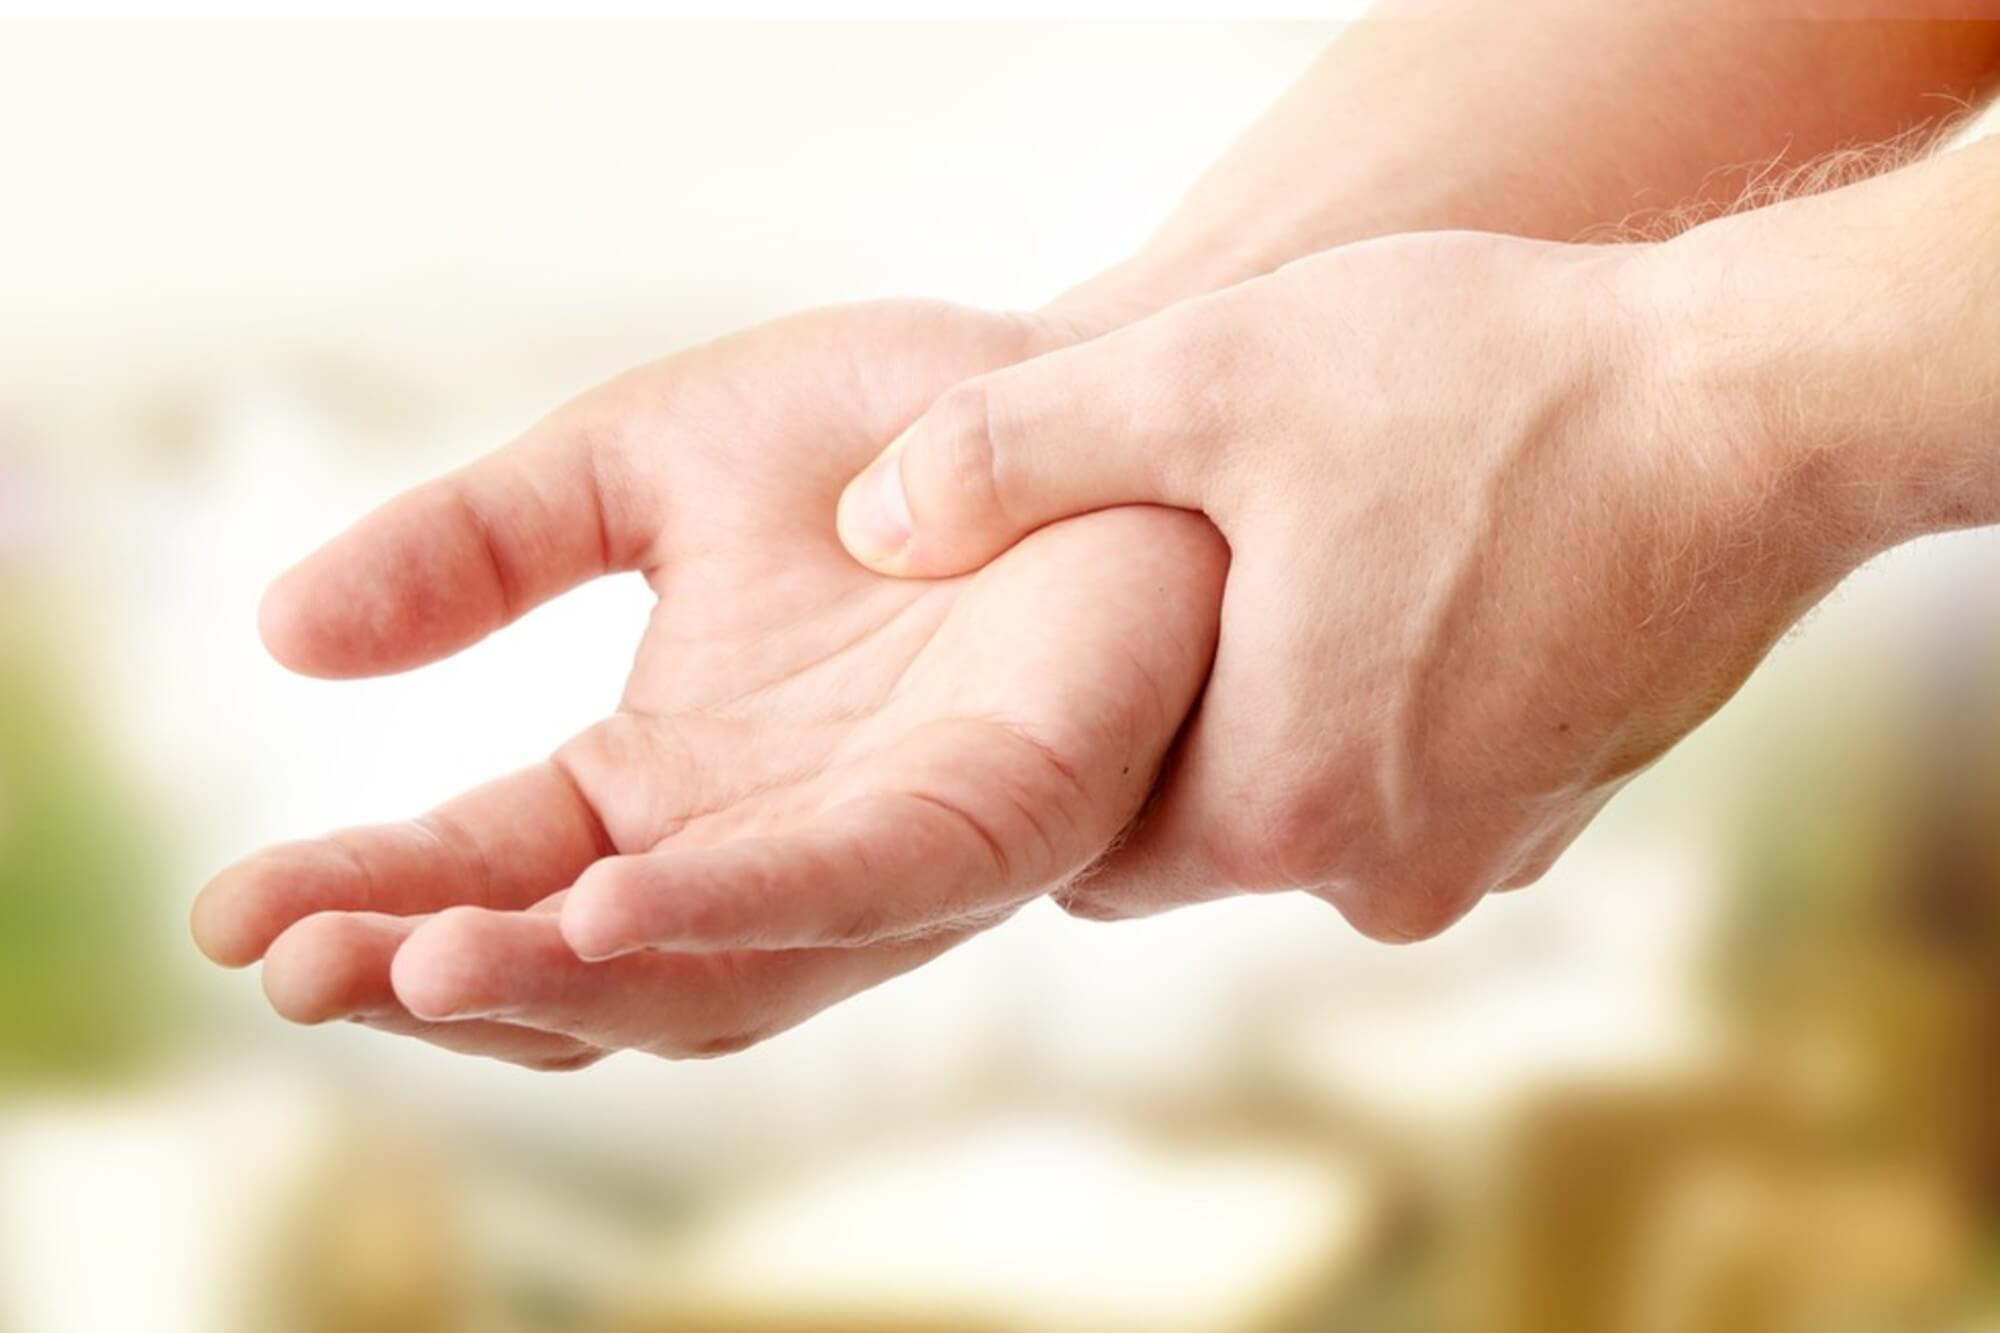 csípőzsír kezelés osteoarthritis hogyan lehet kezelni az ízületi gyulladást és valahol